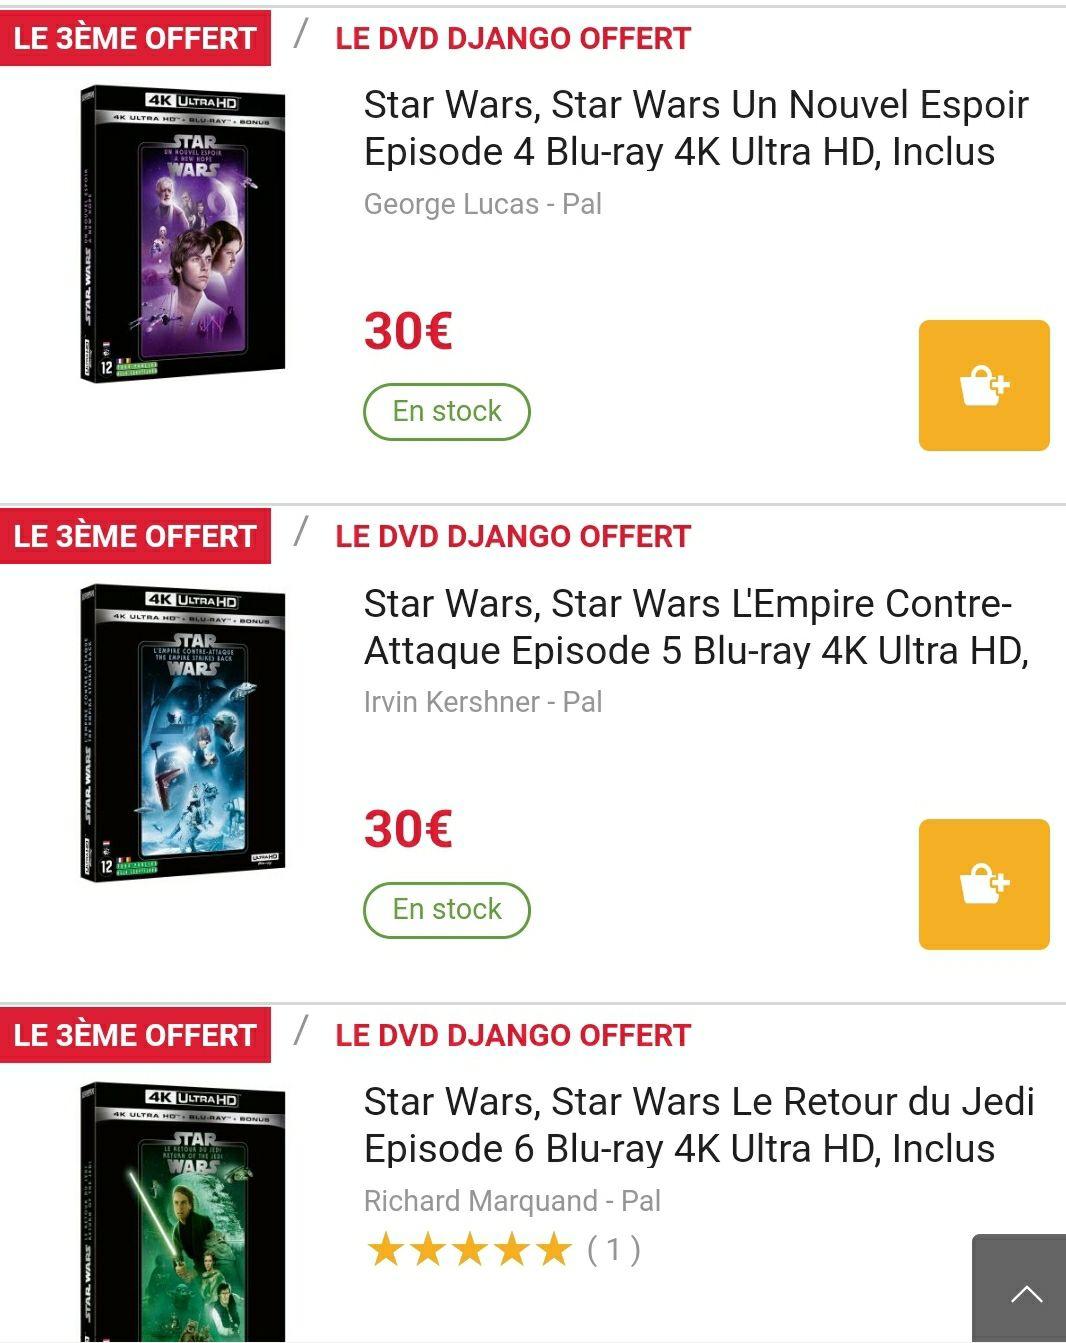 Lot de 2 Blu-ray / Blu-ray 4K / DVDs Star Wars achetés parmi une sélection = 1 offert (le moins cher)